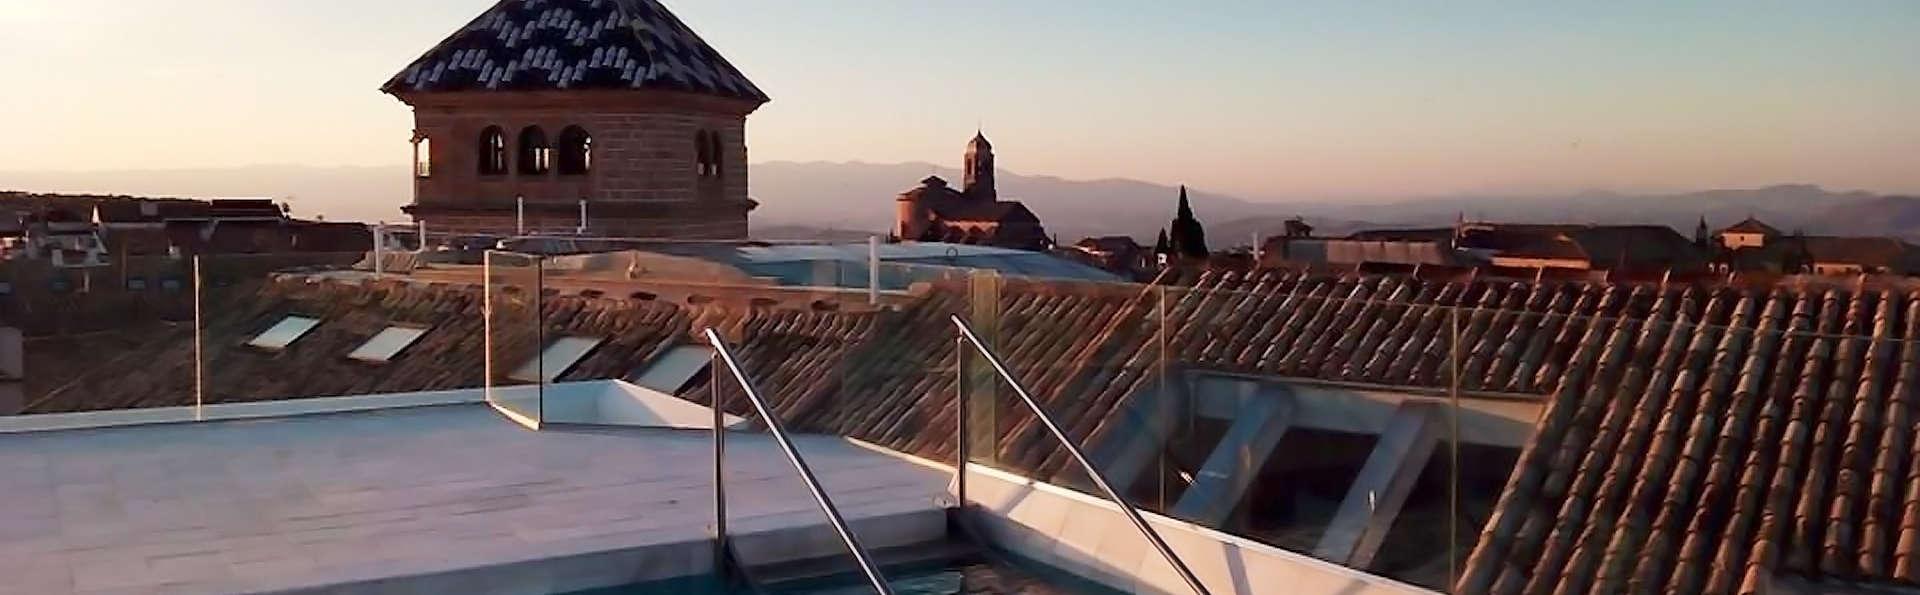 Détente 5* : séjour à Úbeda dans un palais de la Renaissance et circuit thermal de luxe